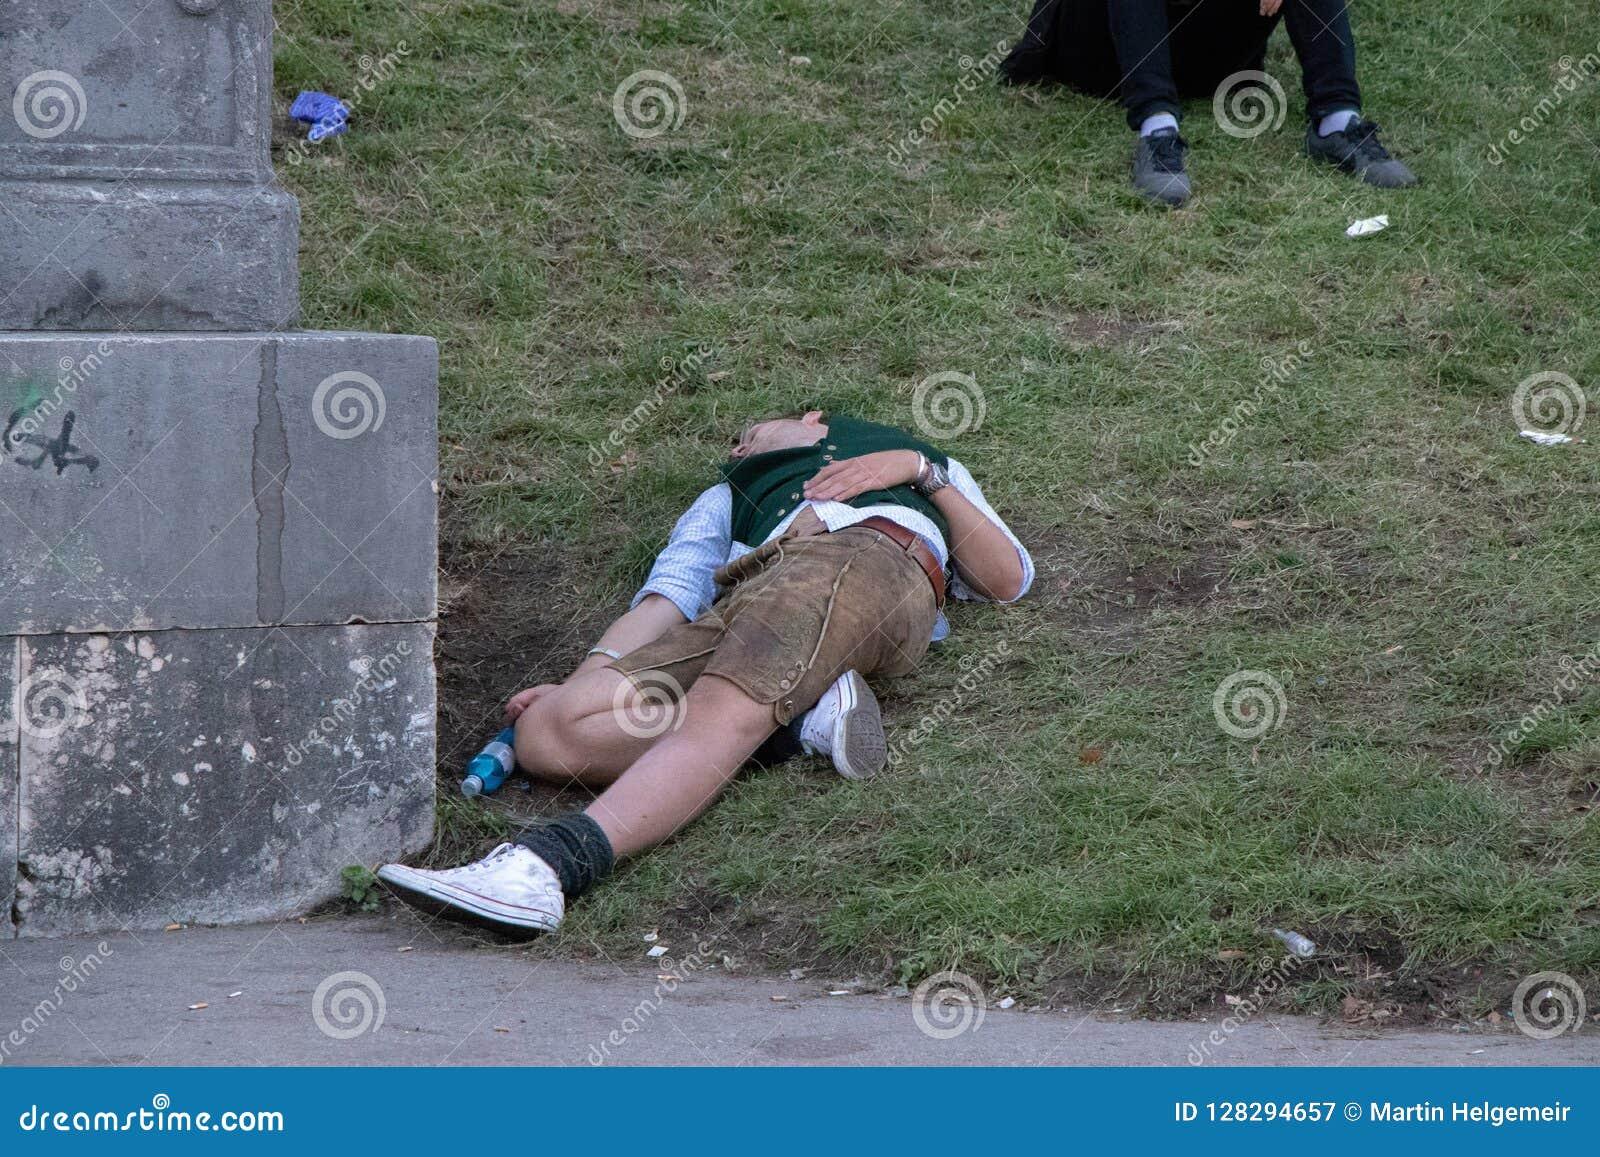 醉酒的人睡觉在巴伐利亚的,慕尼黑啤酒节,慕尼黑